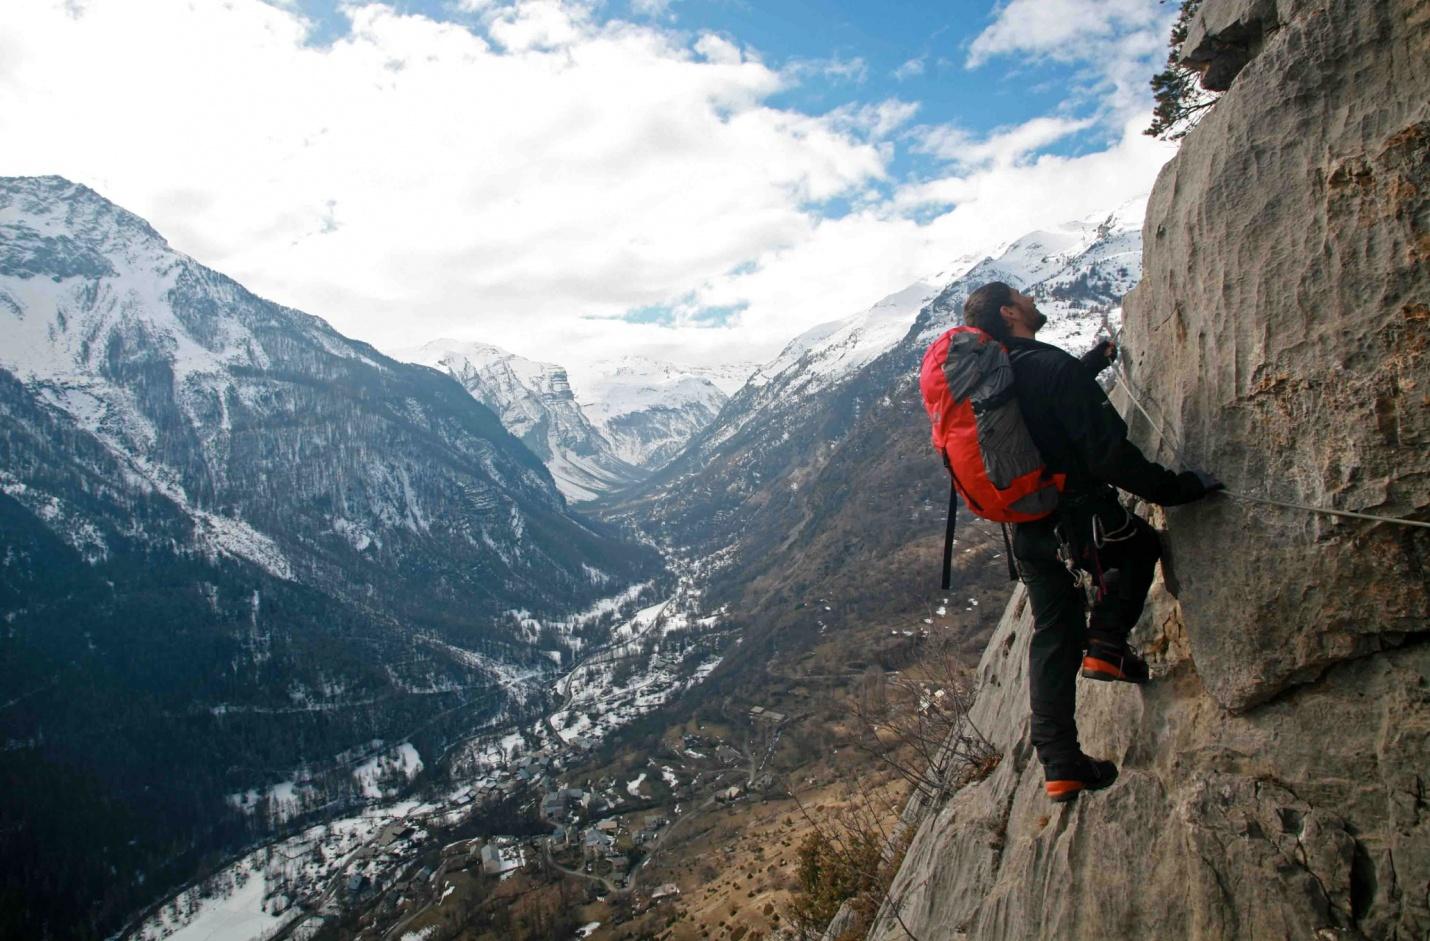 Chinh phục những dãy núi hùng vĩ nhất ở châu âu